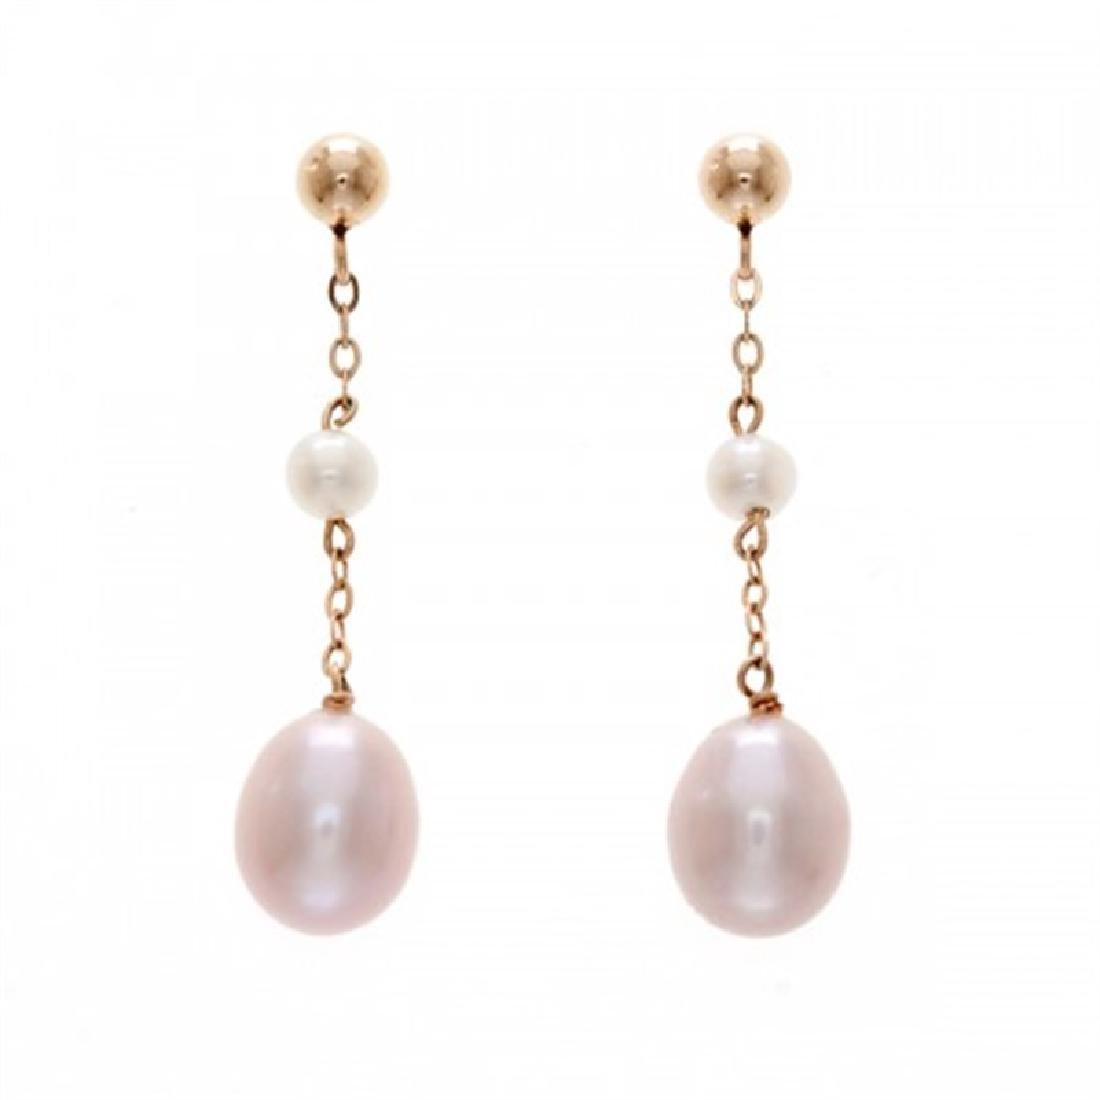 7.5-8.0mm Freshwater Pearl Drop Earrings